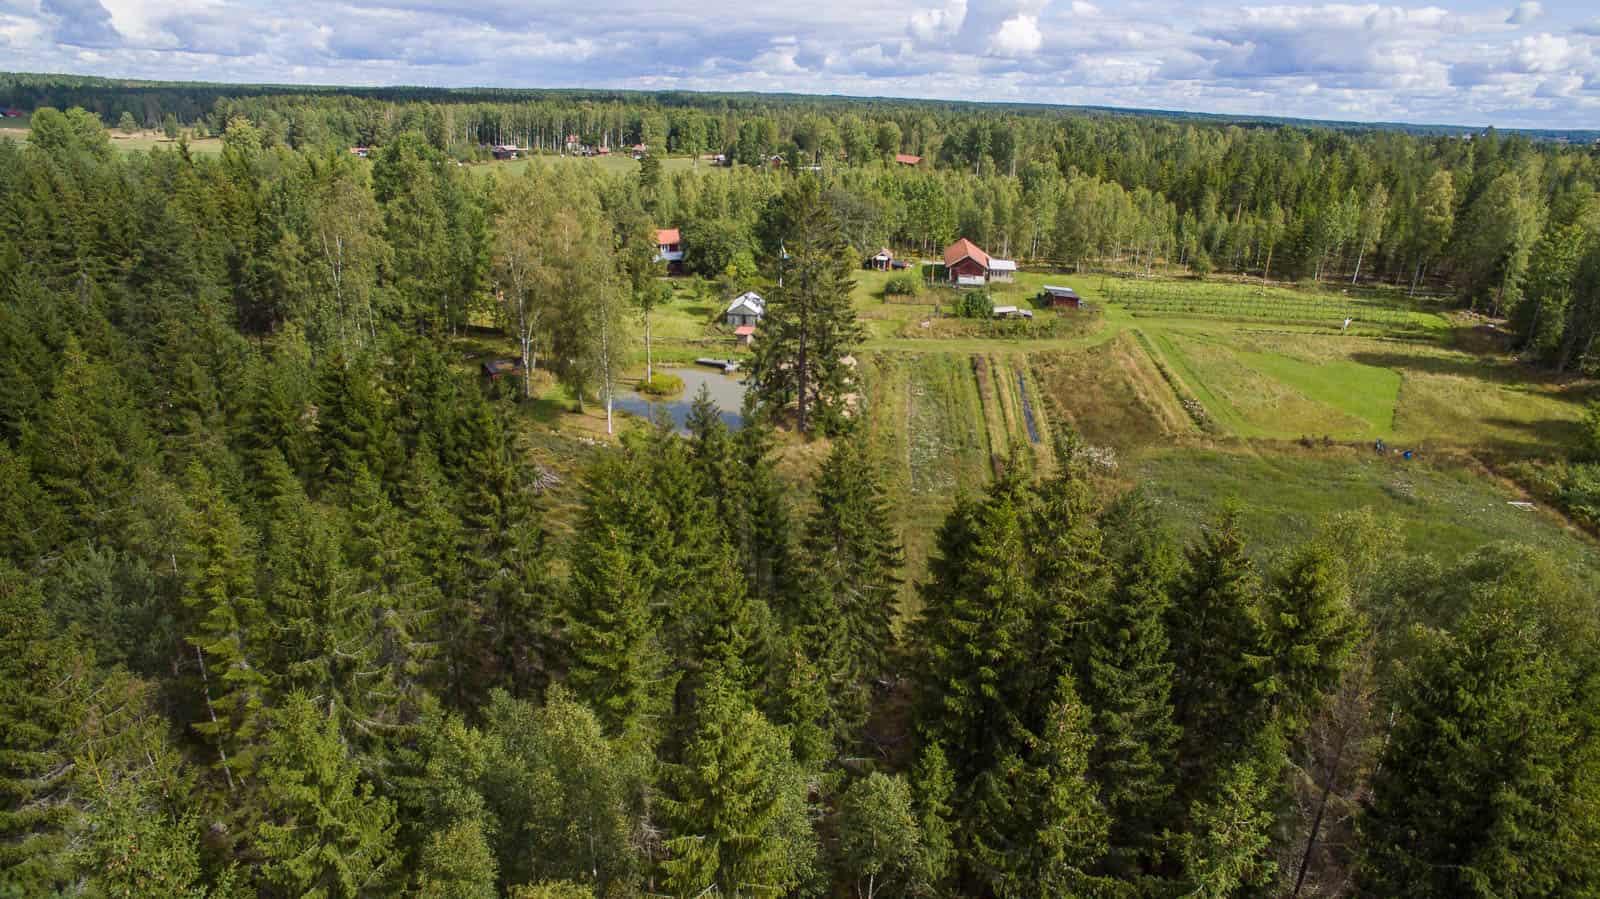 Och från sydsidan. Lämnar man gården åt det här hållet är det bara mil med skog.